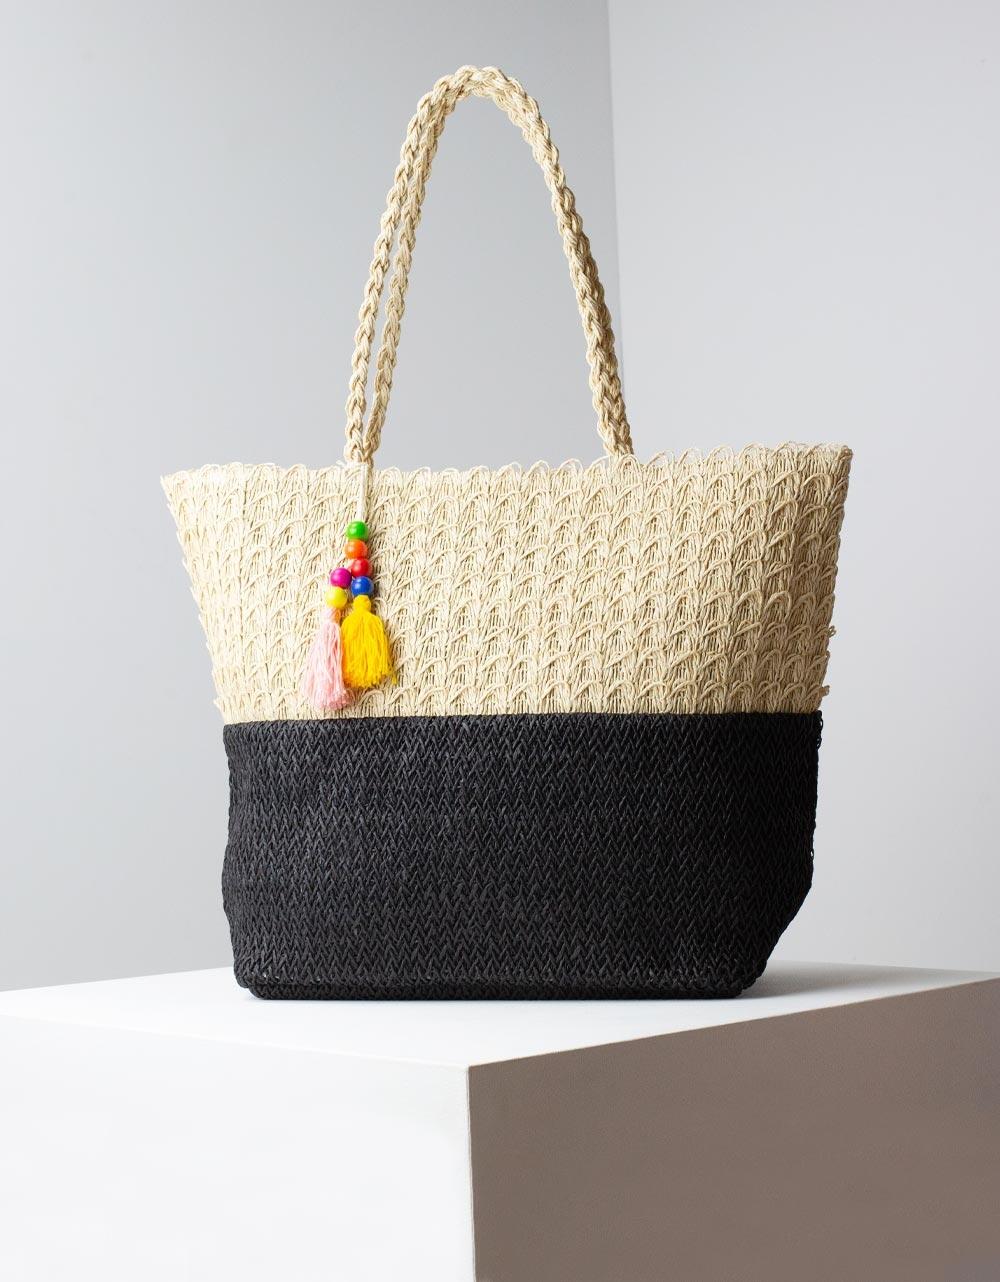 Εικόνα από Γυναικείες τσάντες ώμου ψάθινες με διακοσμητικό φουντάκι πολύχρωμο Μπεζ/Μαύρο